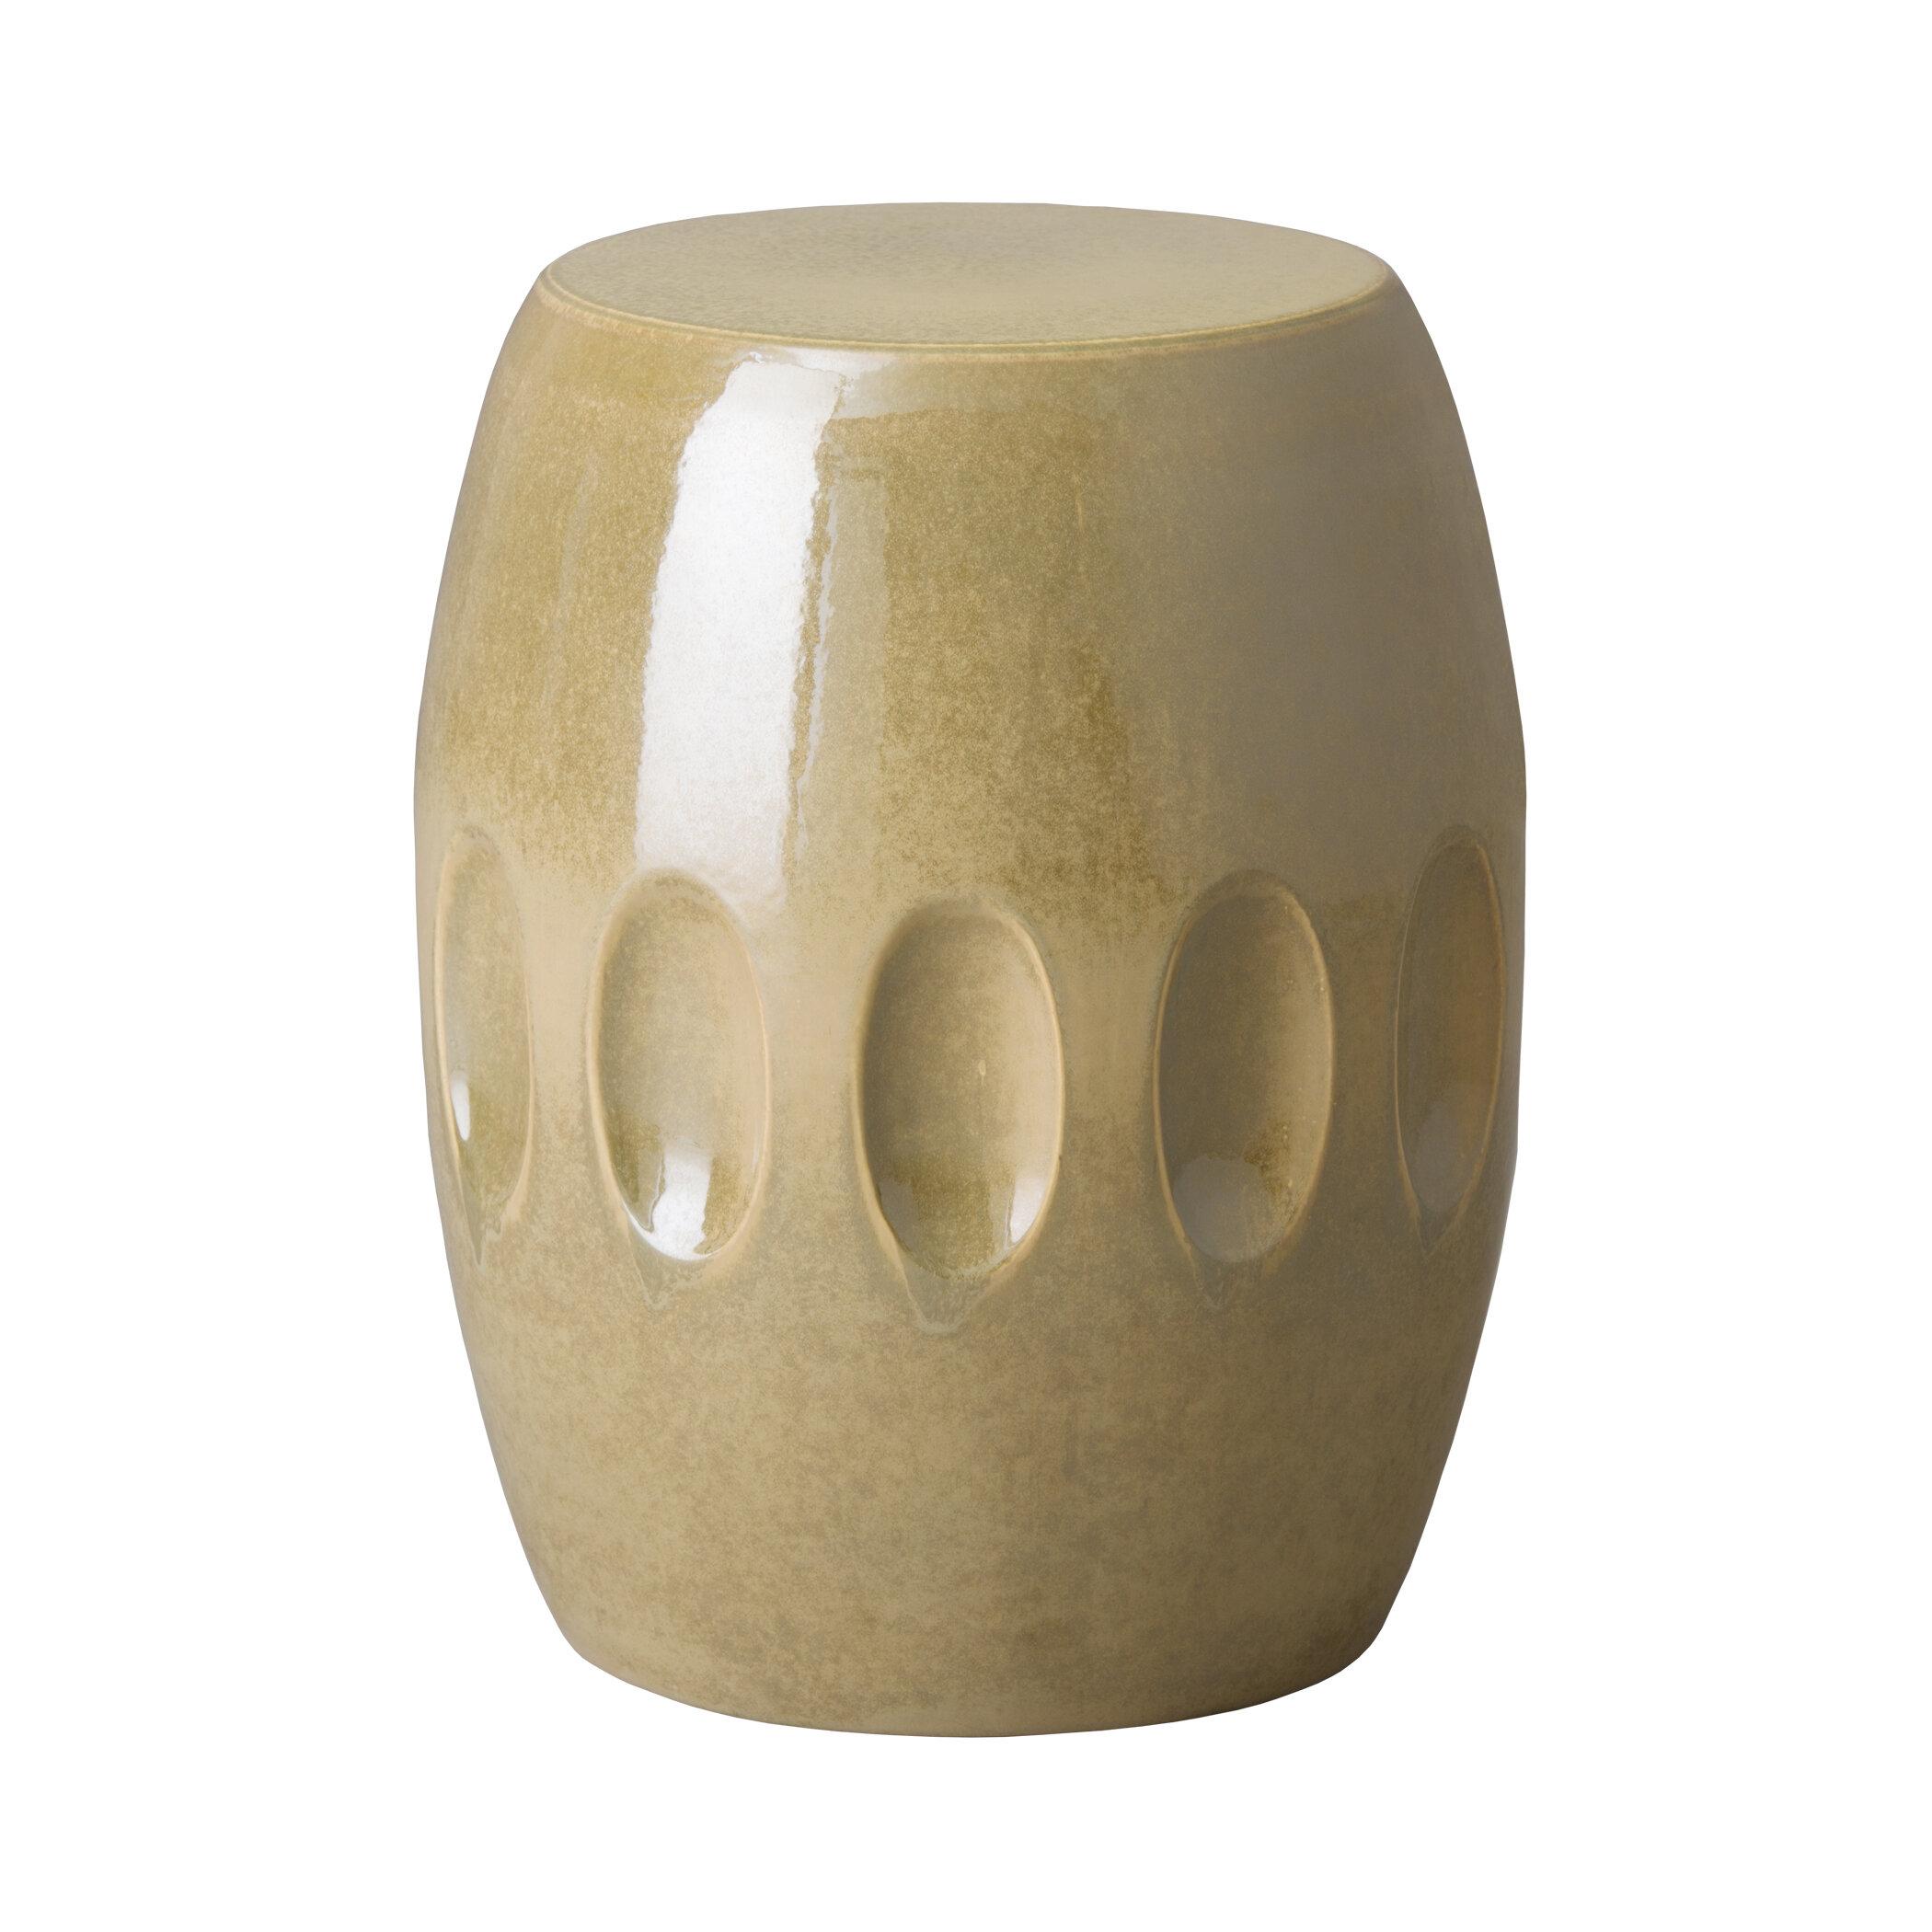 Pestre Garden Stool Intended For Oakside Ceramic Garden Stools (View 12 of 25)